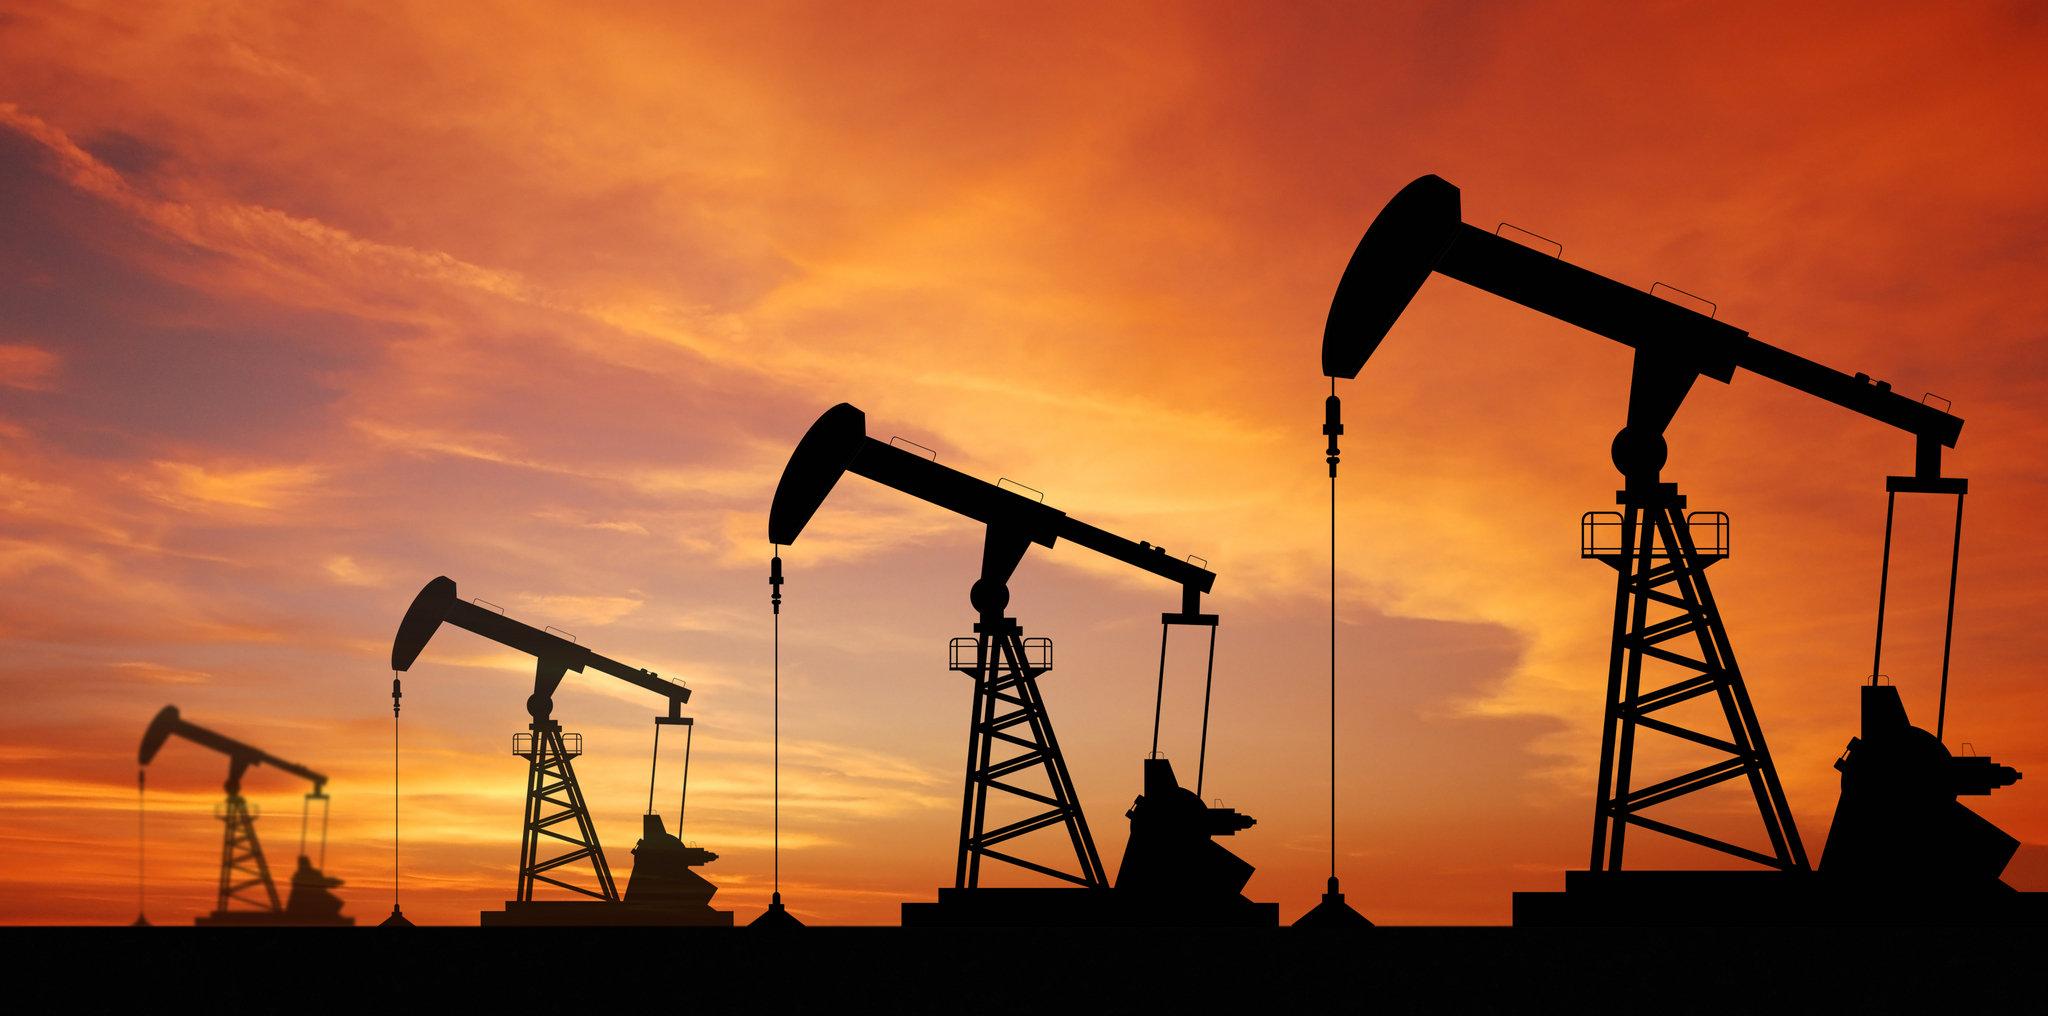 تذبذب أسعار النفط الخام وسط سيطرة من حركة الهبوط